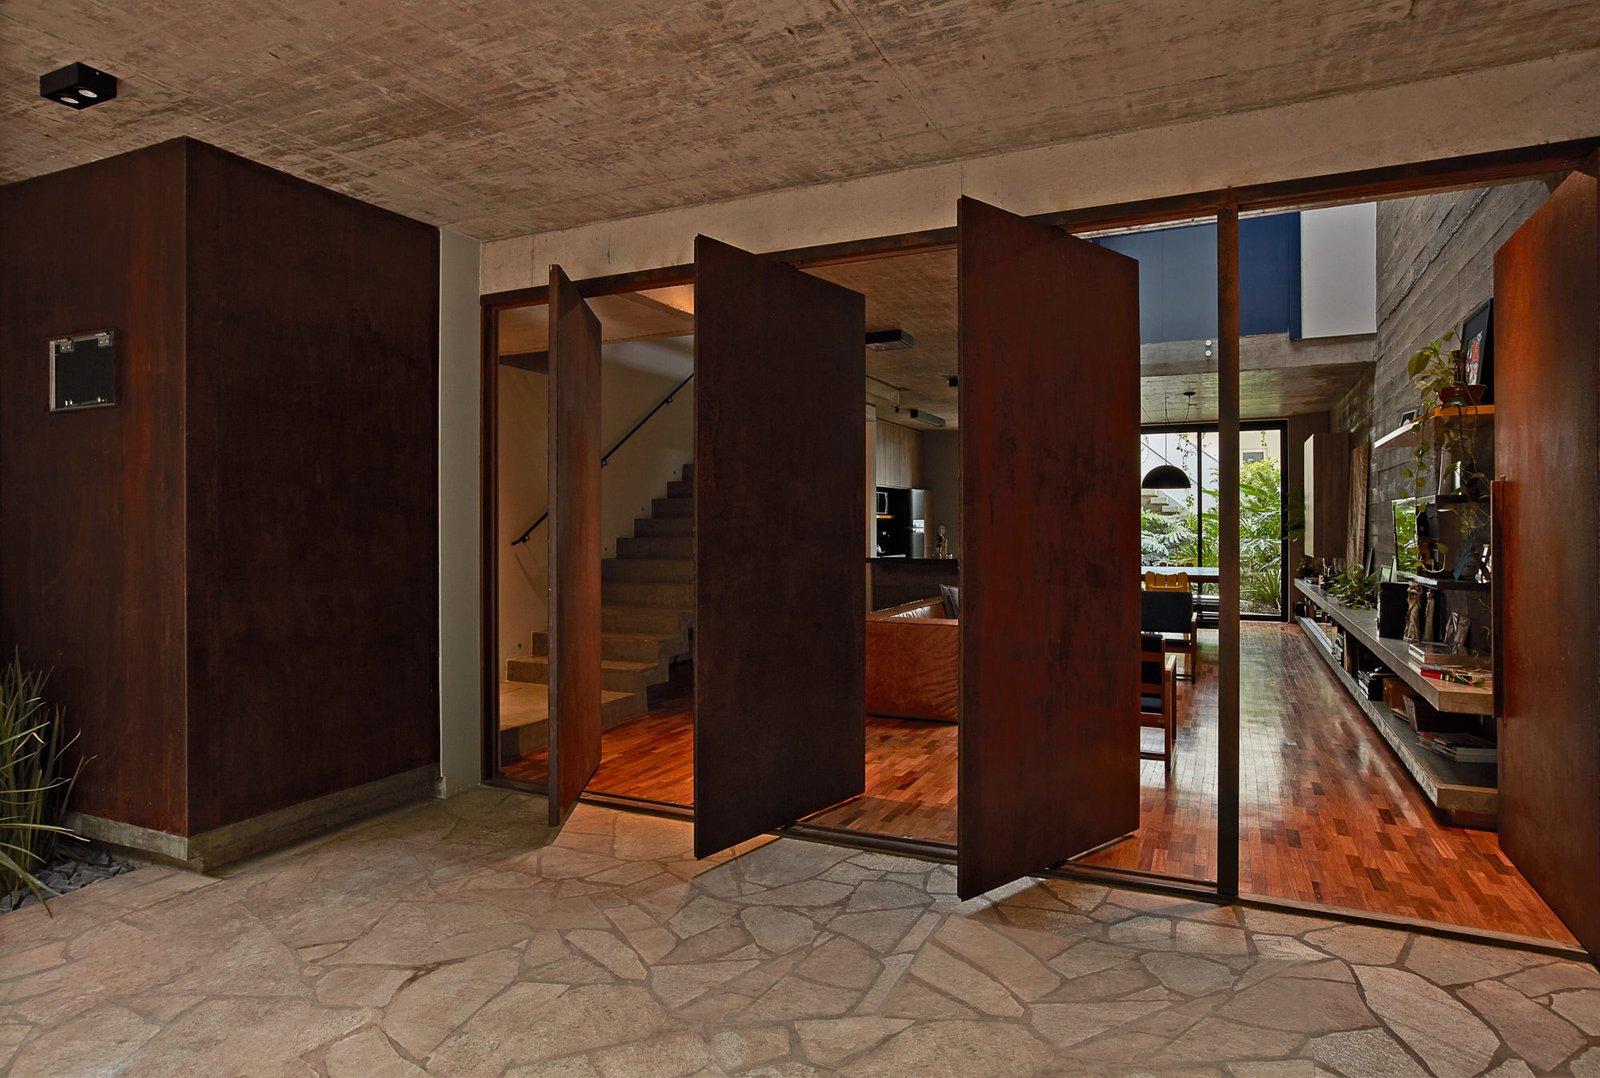 Doors, Swing Door Type, Interior, Metal, And Exterior Four, Pivoting Corten